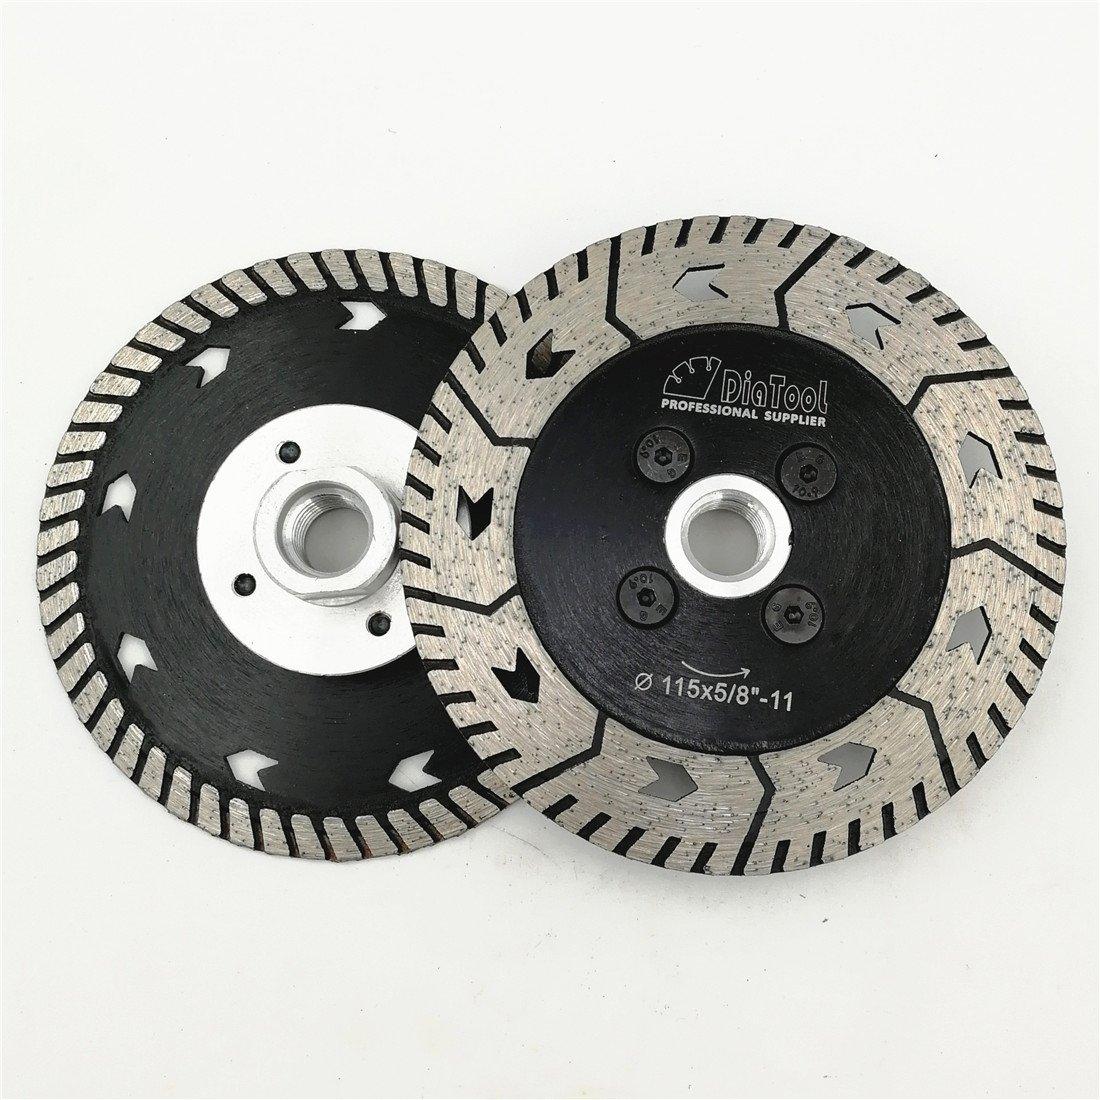 LTD. DIATOOL Diamond Grindng wheel Disc 2pcs 5 inches Cut Grind Sharpen Granite Dual Blades SHANGHAI DIATOOL CO